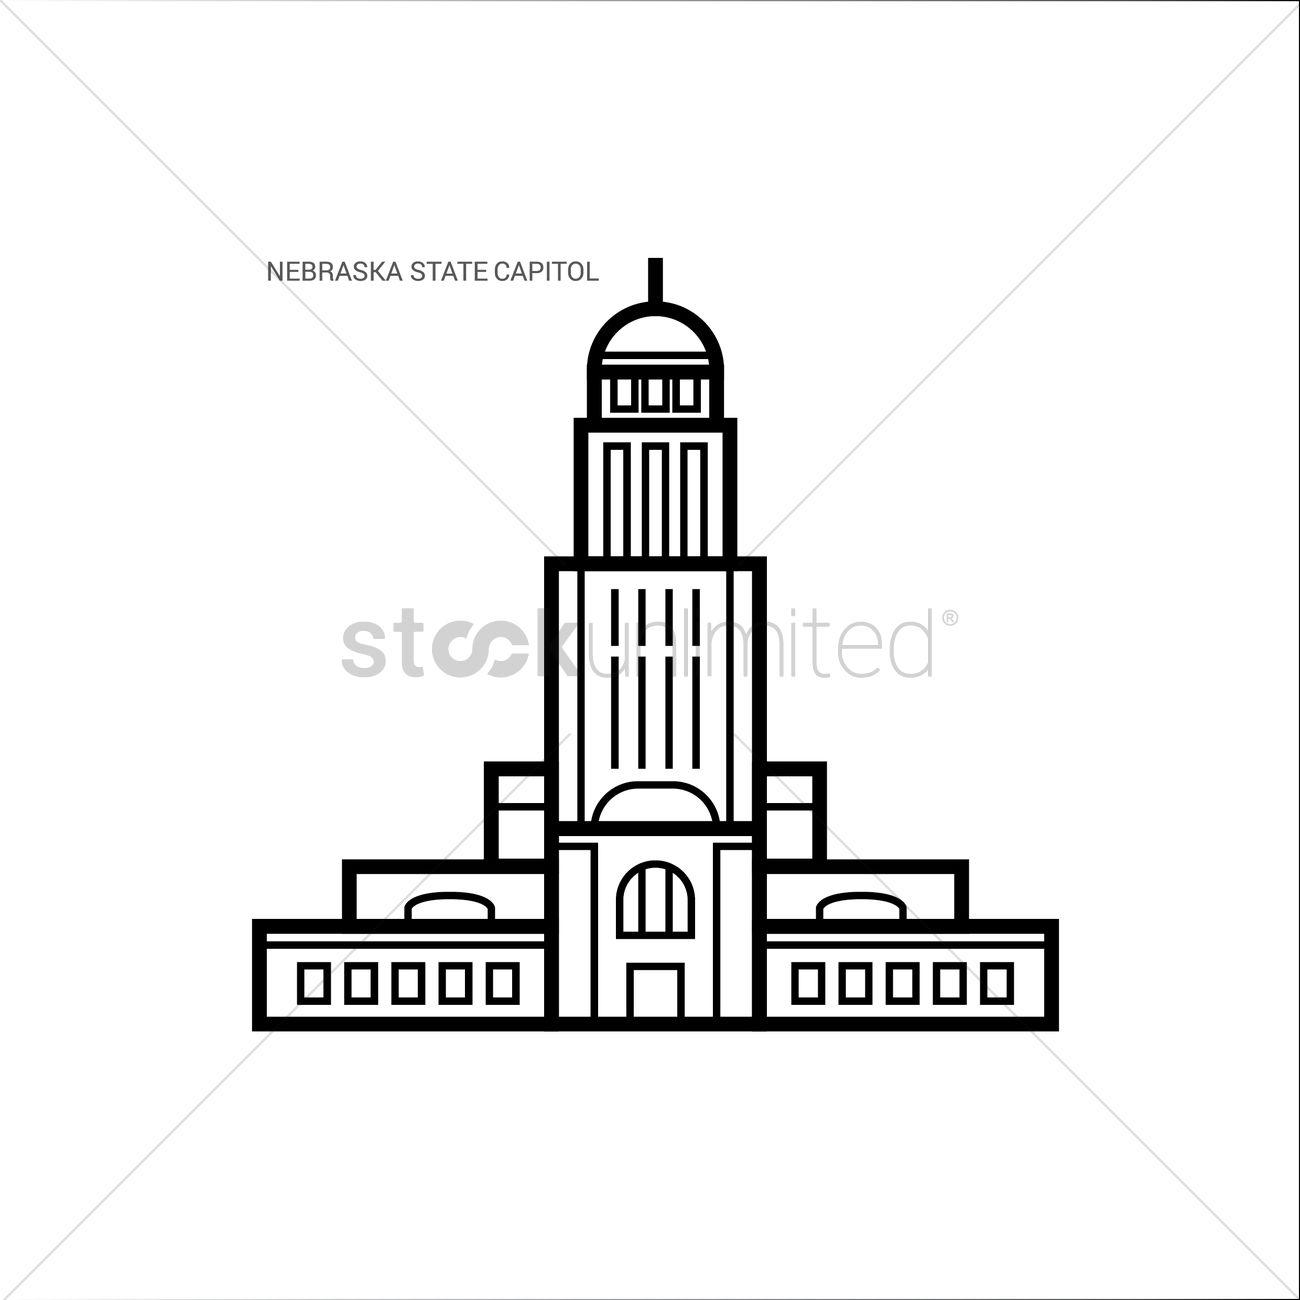 Nebraska state capitol Vector Image - 1551871   StockUnlimited